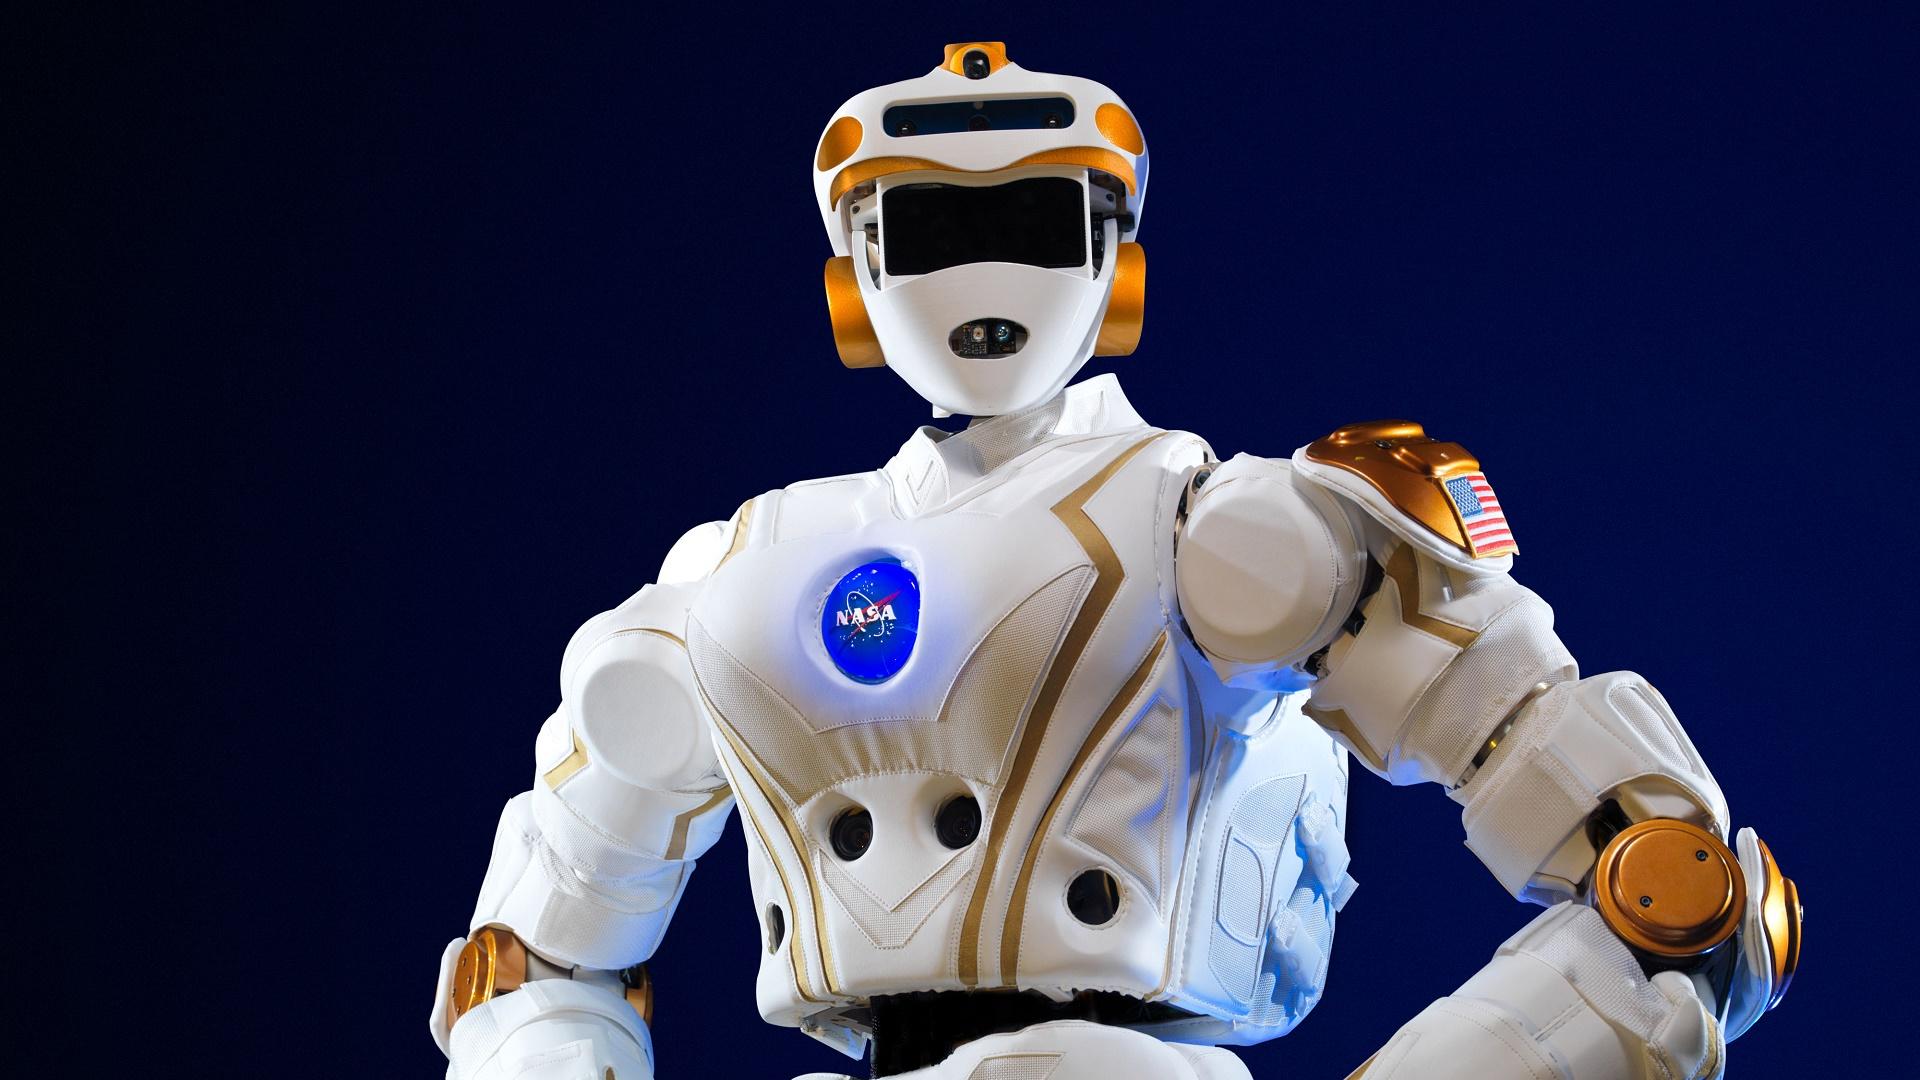 Estos robots humanoides serán los primeros colonizadores de Marte